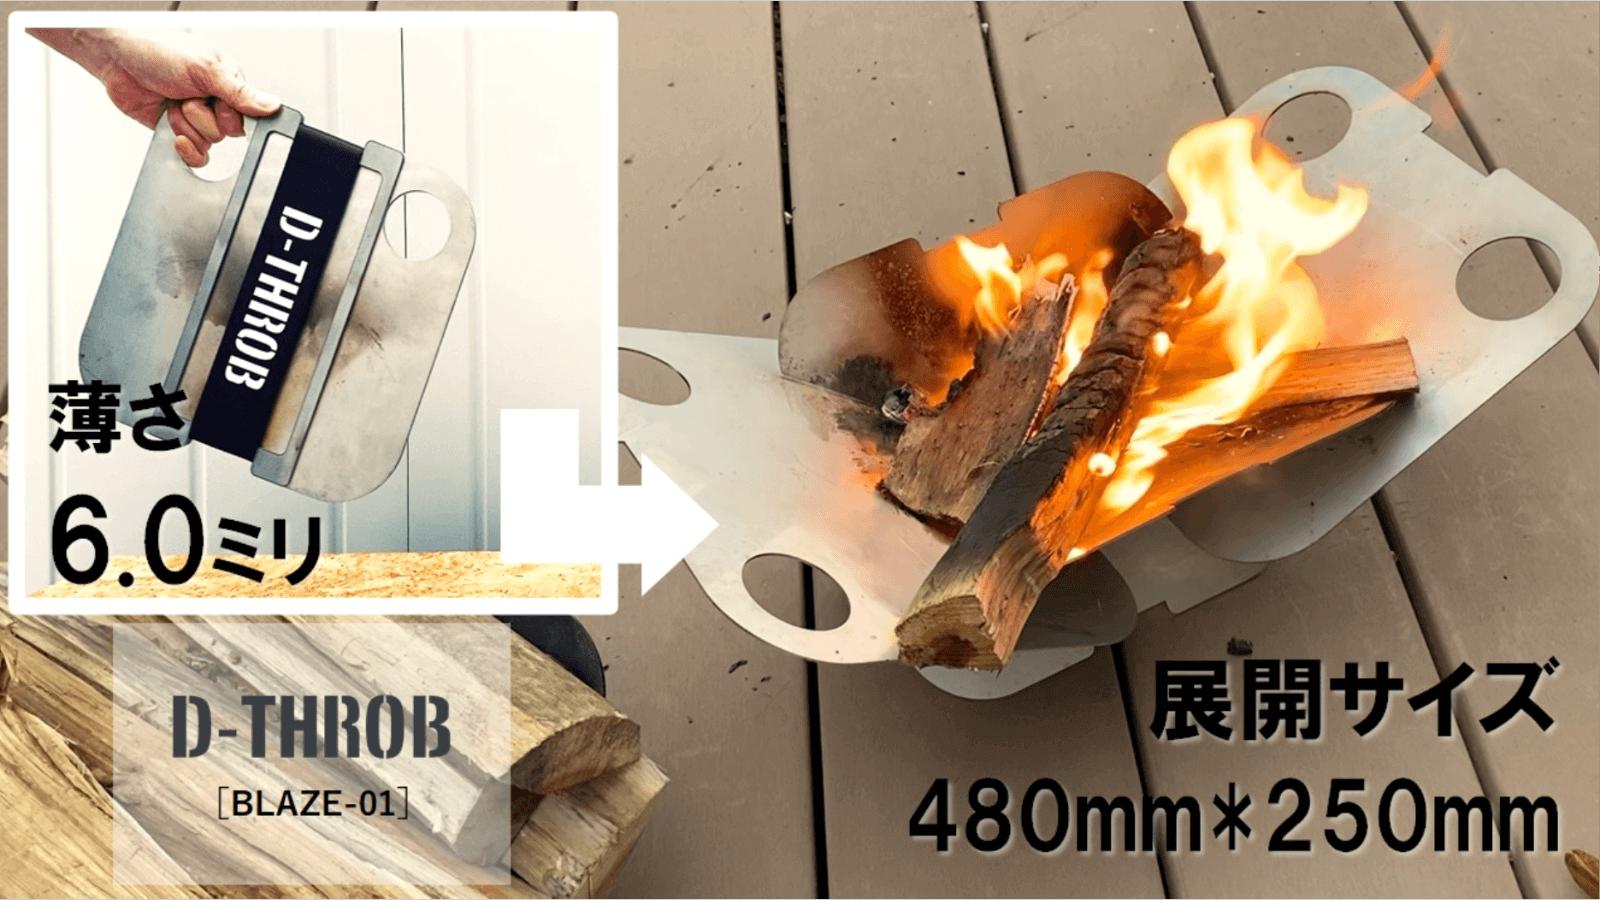 焚火台&BBQグリル D-TROB BLAZE-01